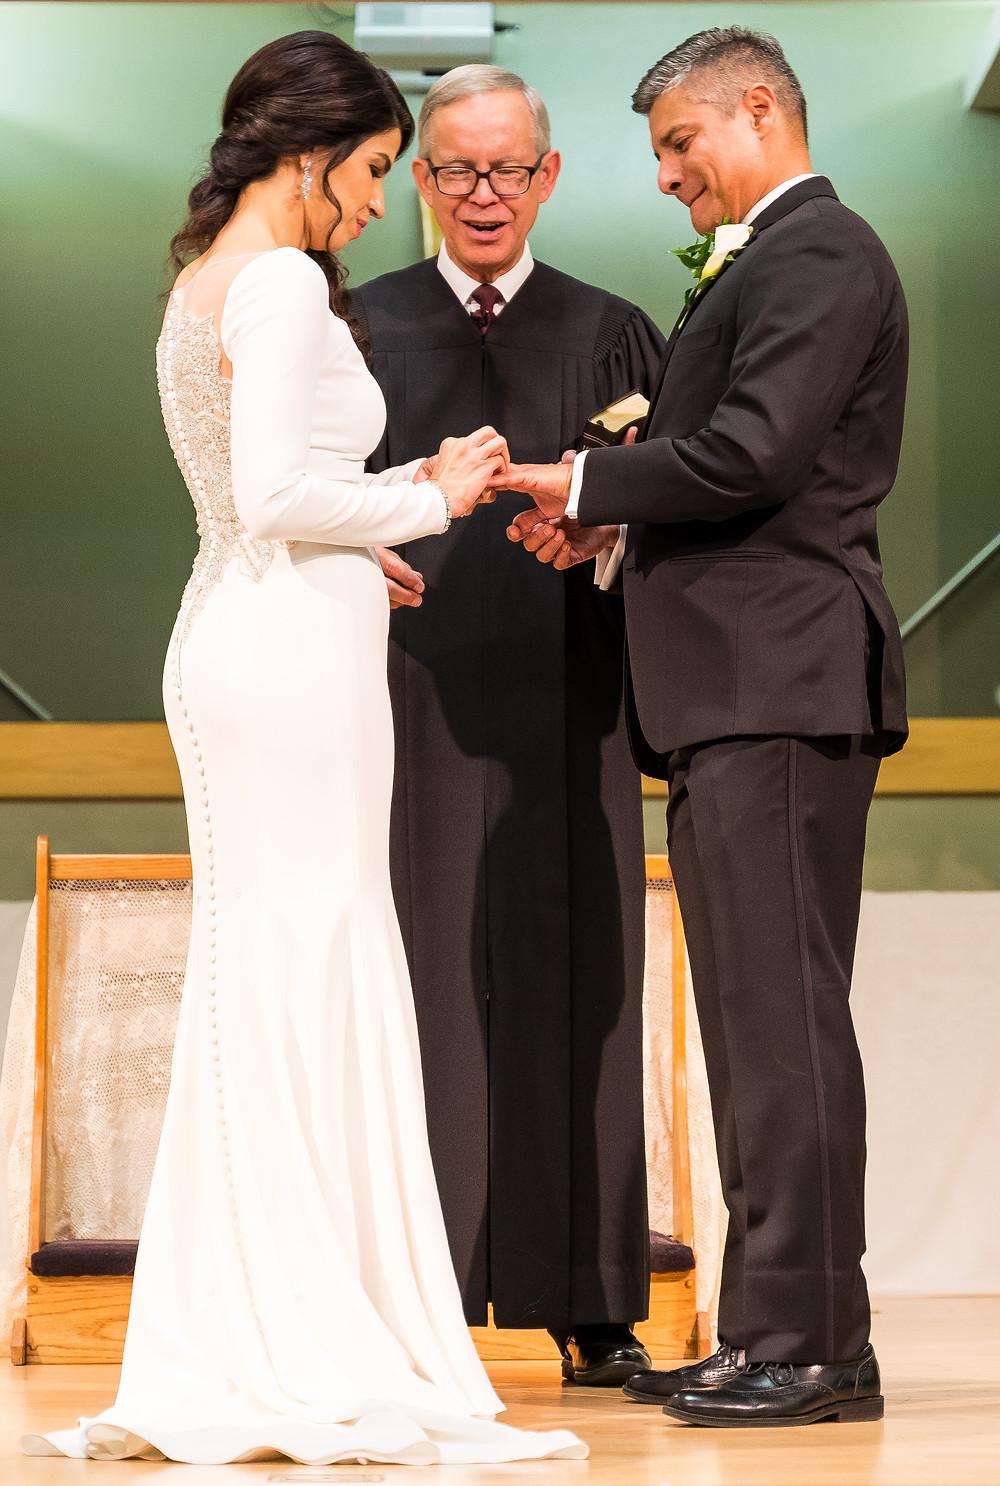 Valeria and Enrique El Paso Wedding Photography